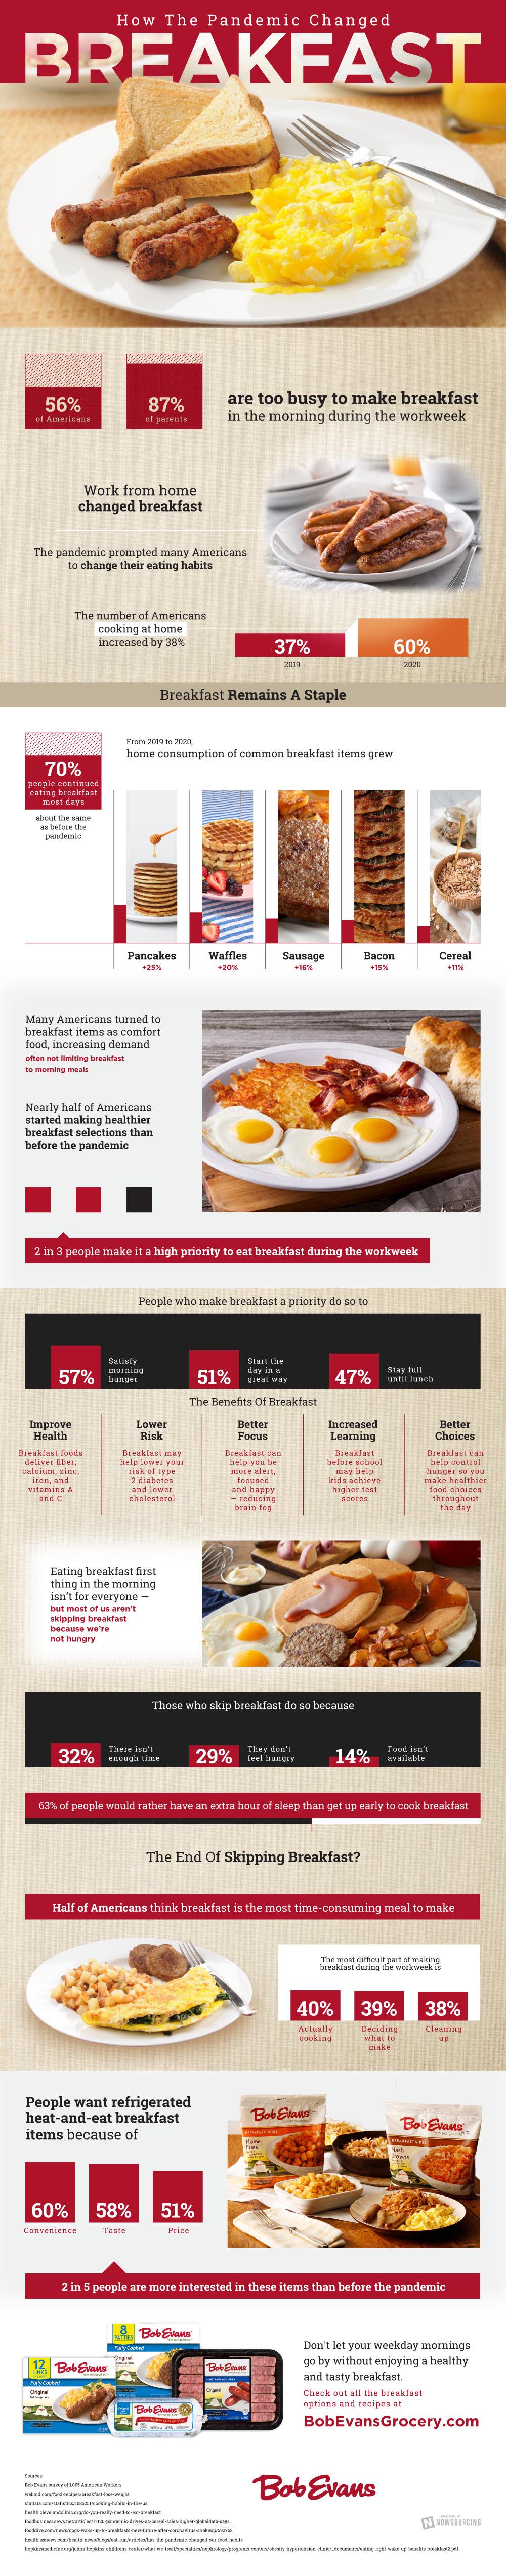 Come la pandemia ha cambiato le abitudini della colazione americana